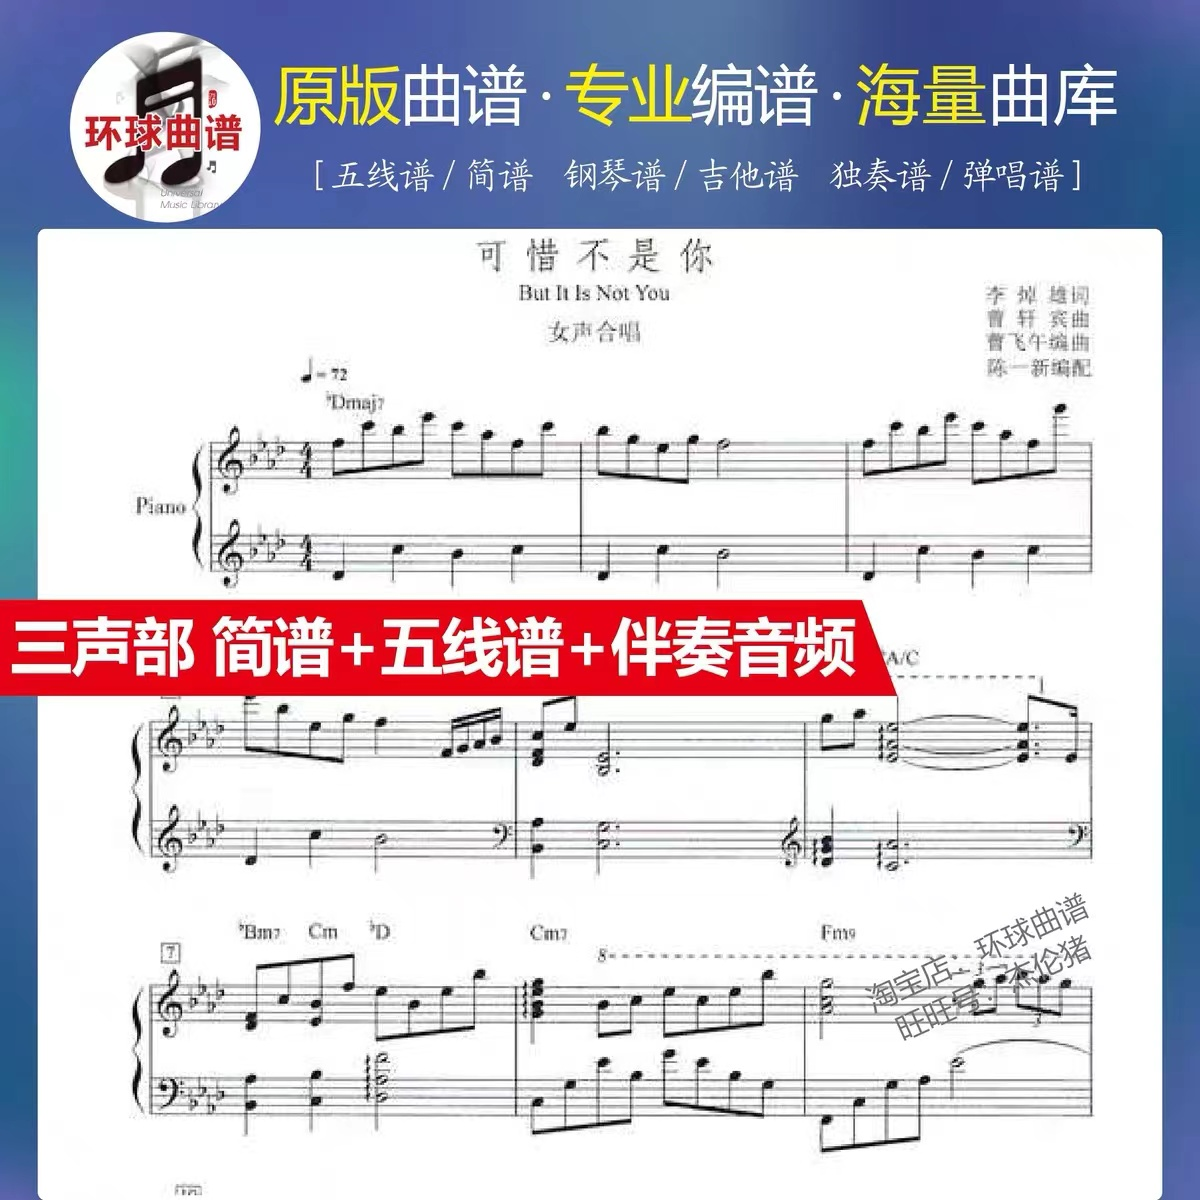 可惜不是你 三声部合唱简谱+钢琴伴奏五线谱+音频 陈一新 降A总谱